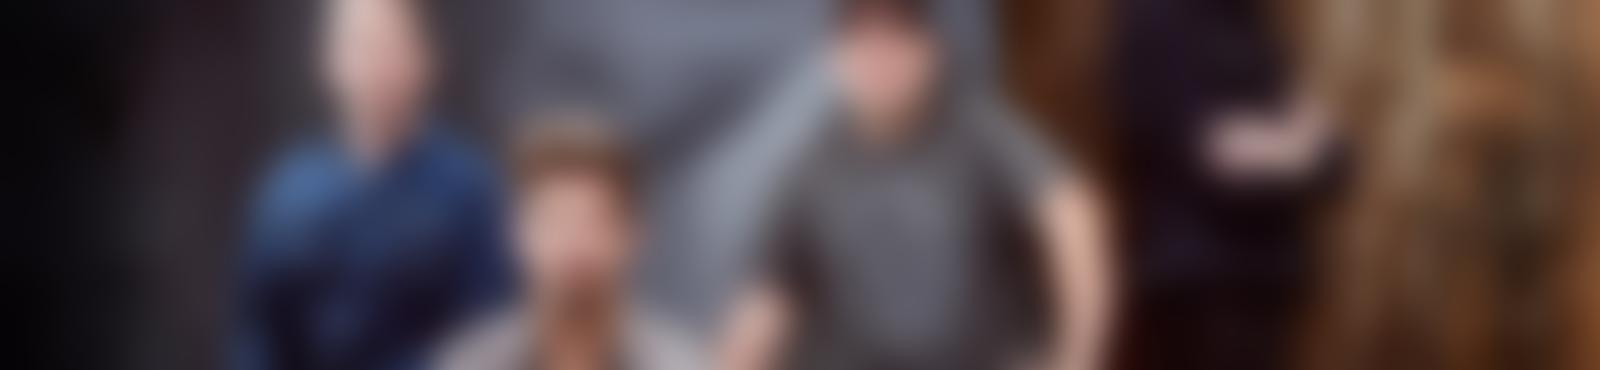 Blurred 1333d059 9424 4dee b20e da96c2652641